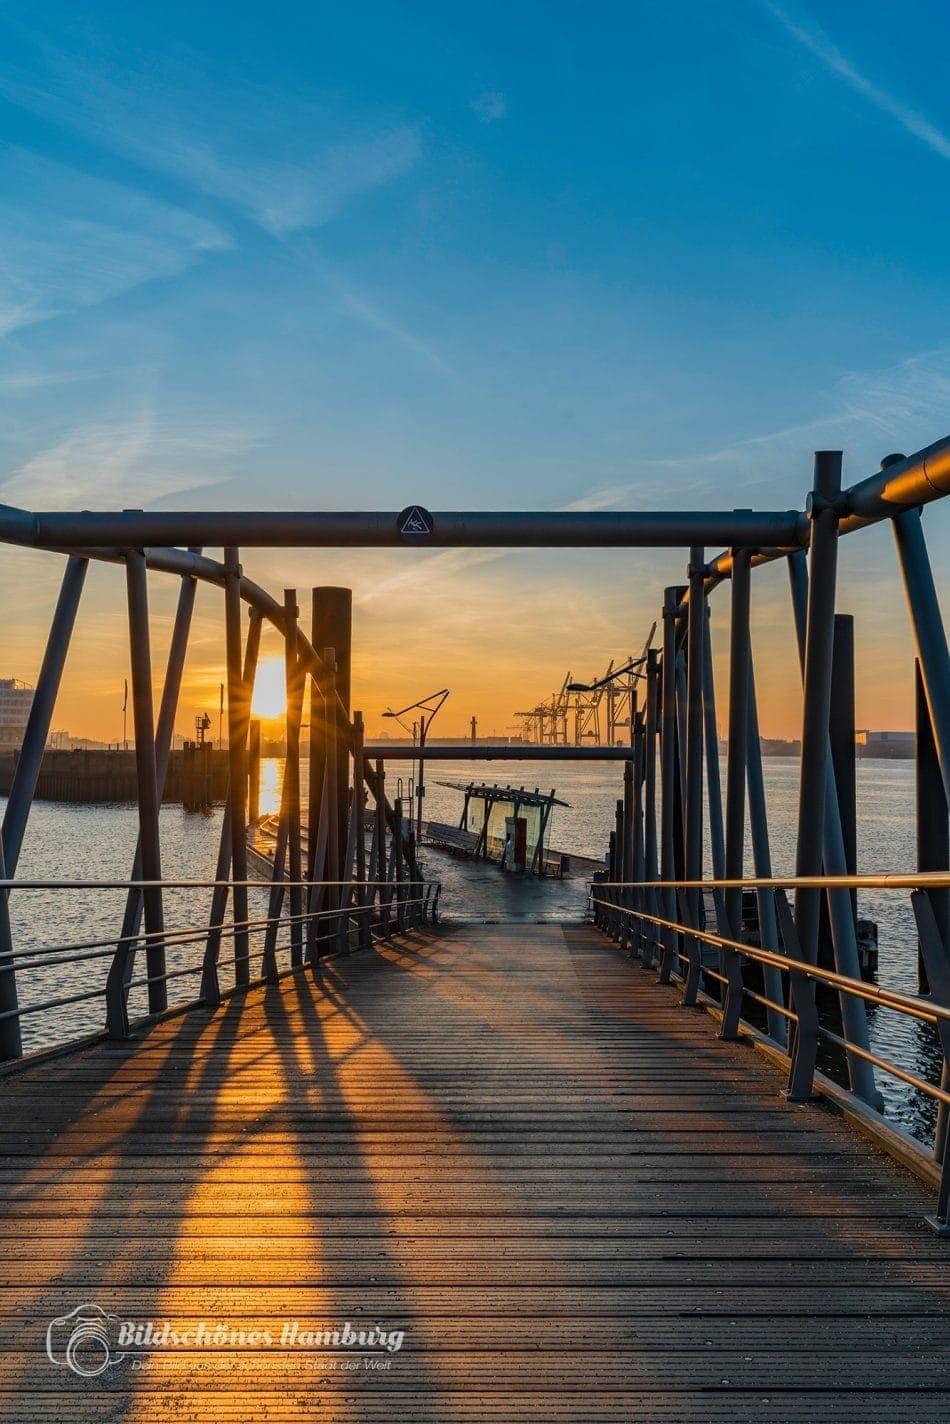 Hamburg Bild Anleger Elbphilharmonie beim Sonnenaufgang